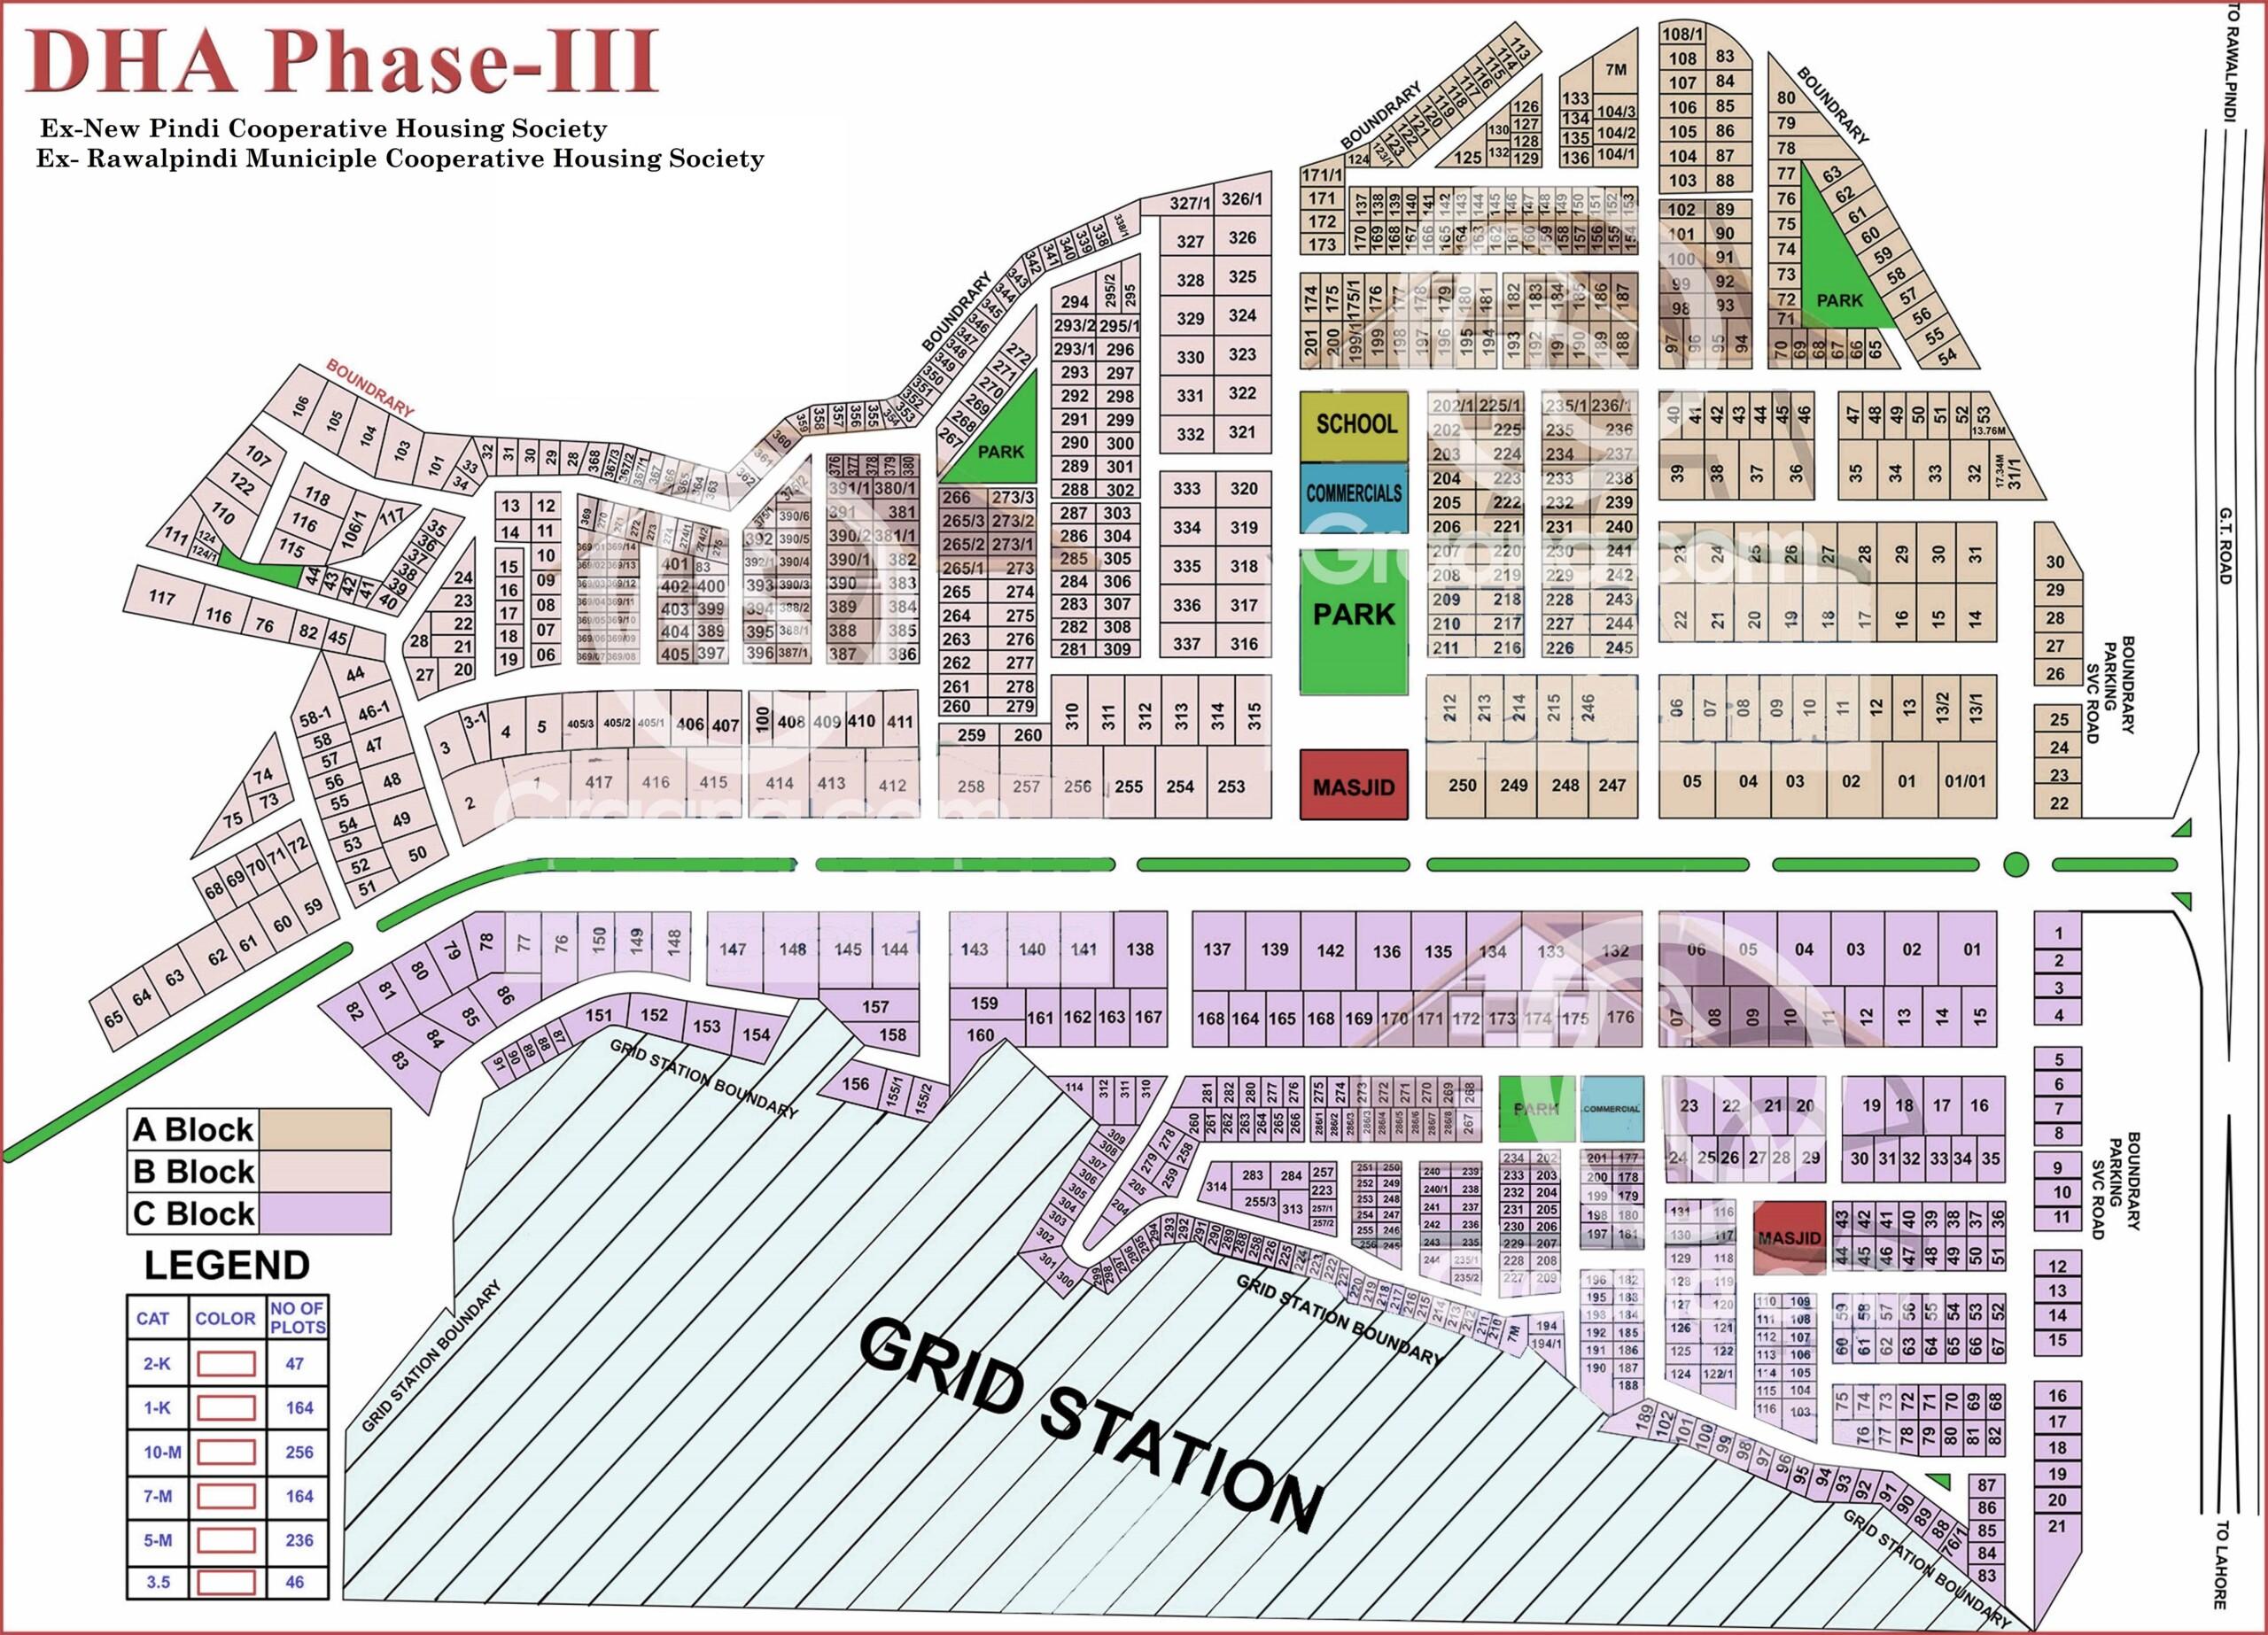 Map Of New Pindi Housing Society